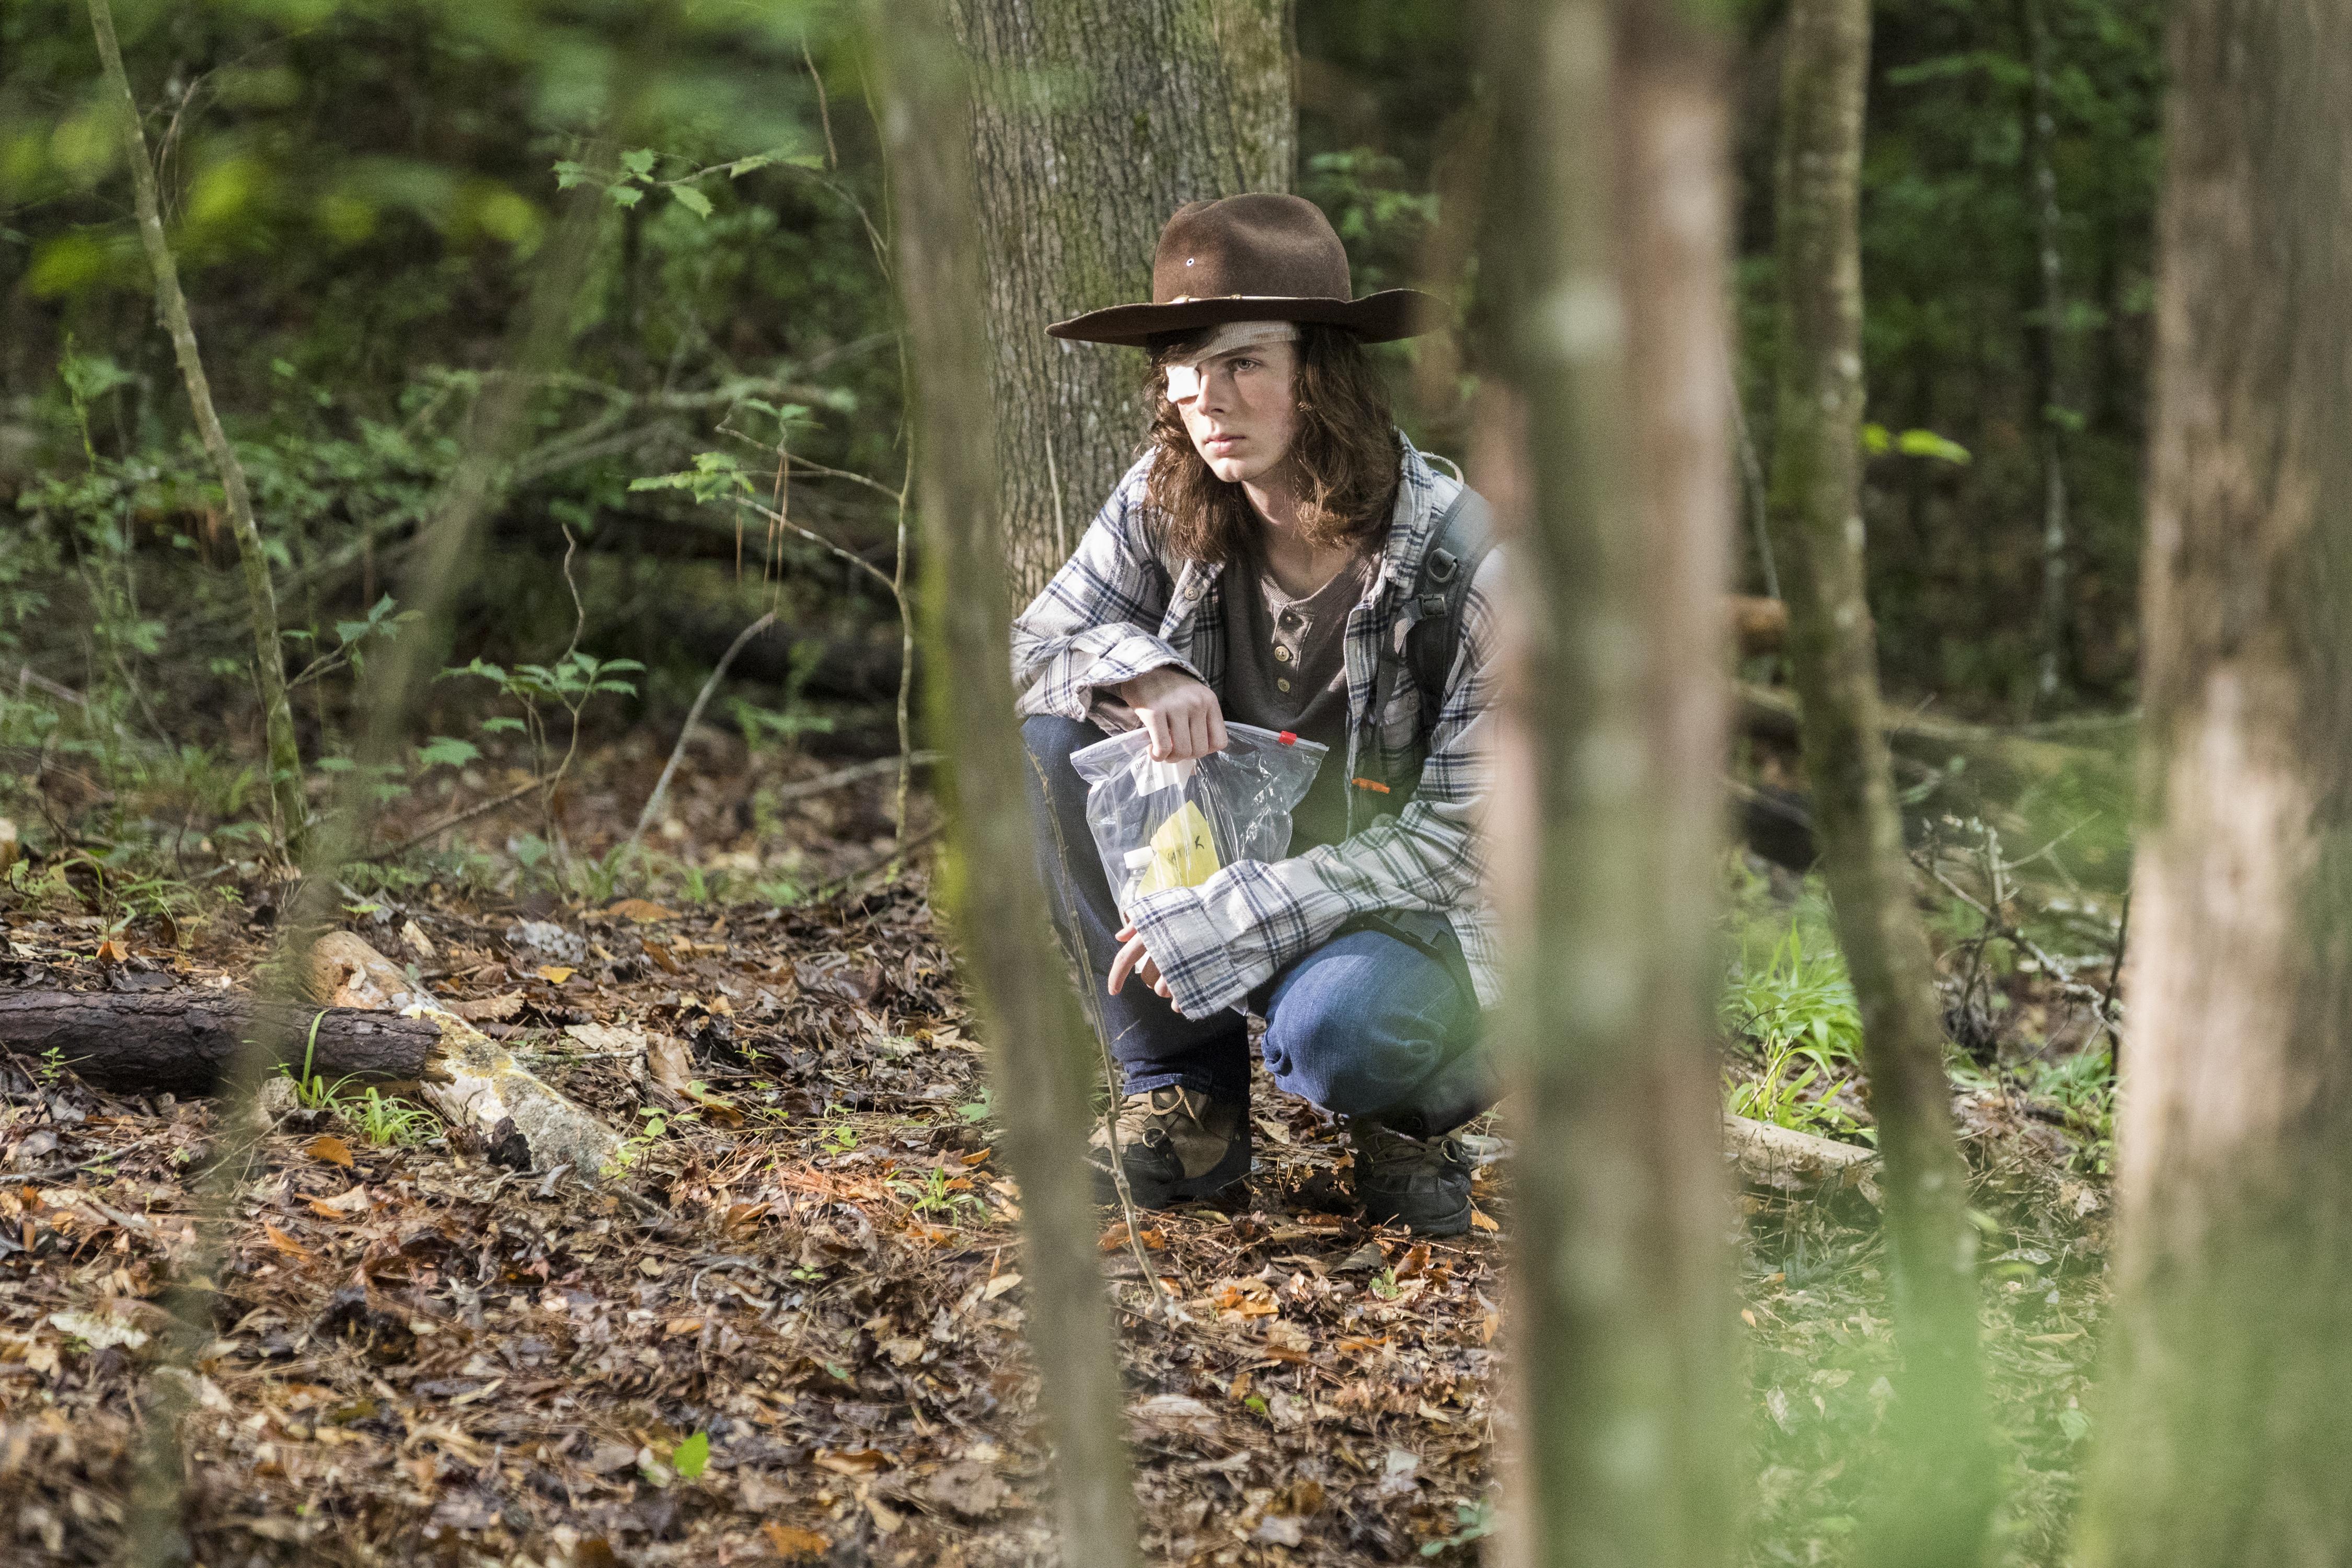 Carl Grimes (Chandler Riggs) - The Walking Dead Saison 8 Épisode 6 - Photo : Jackson Lee Davis/AMC